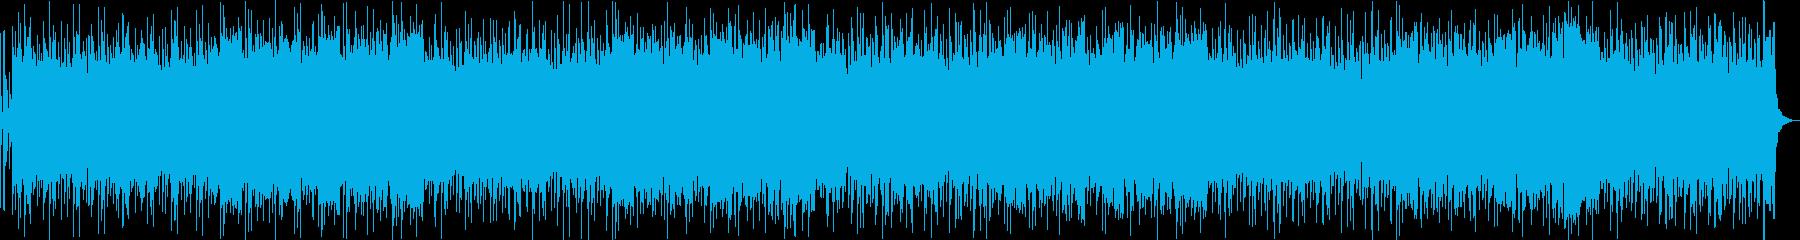 ピアノと木管での軽快ソング(別ver有)の再生済みの波形